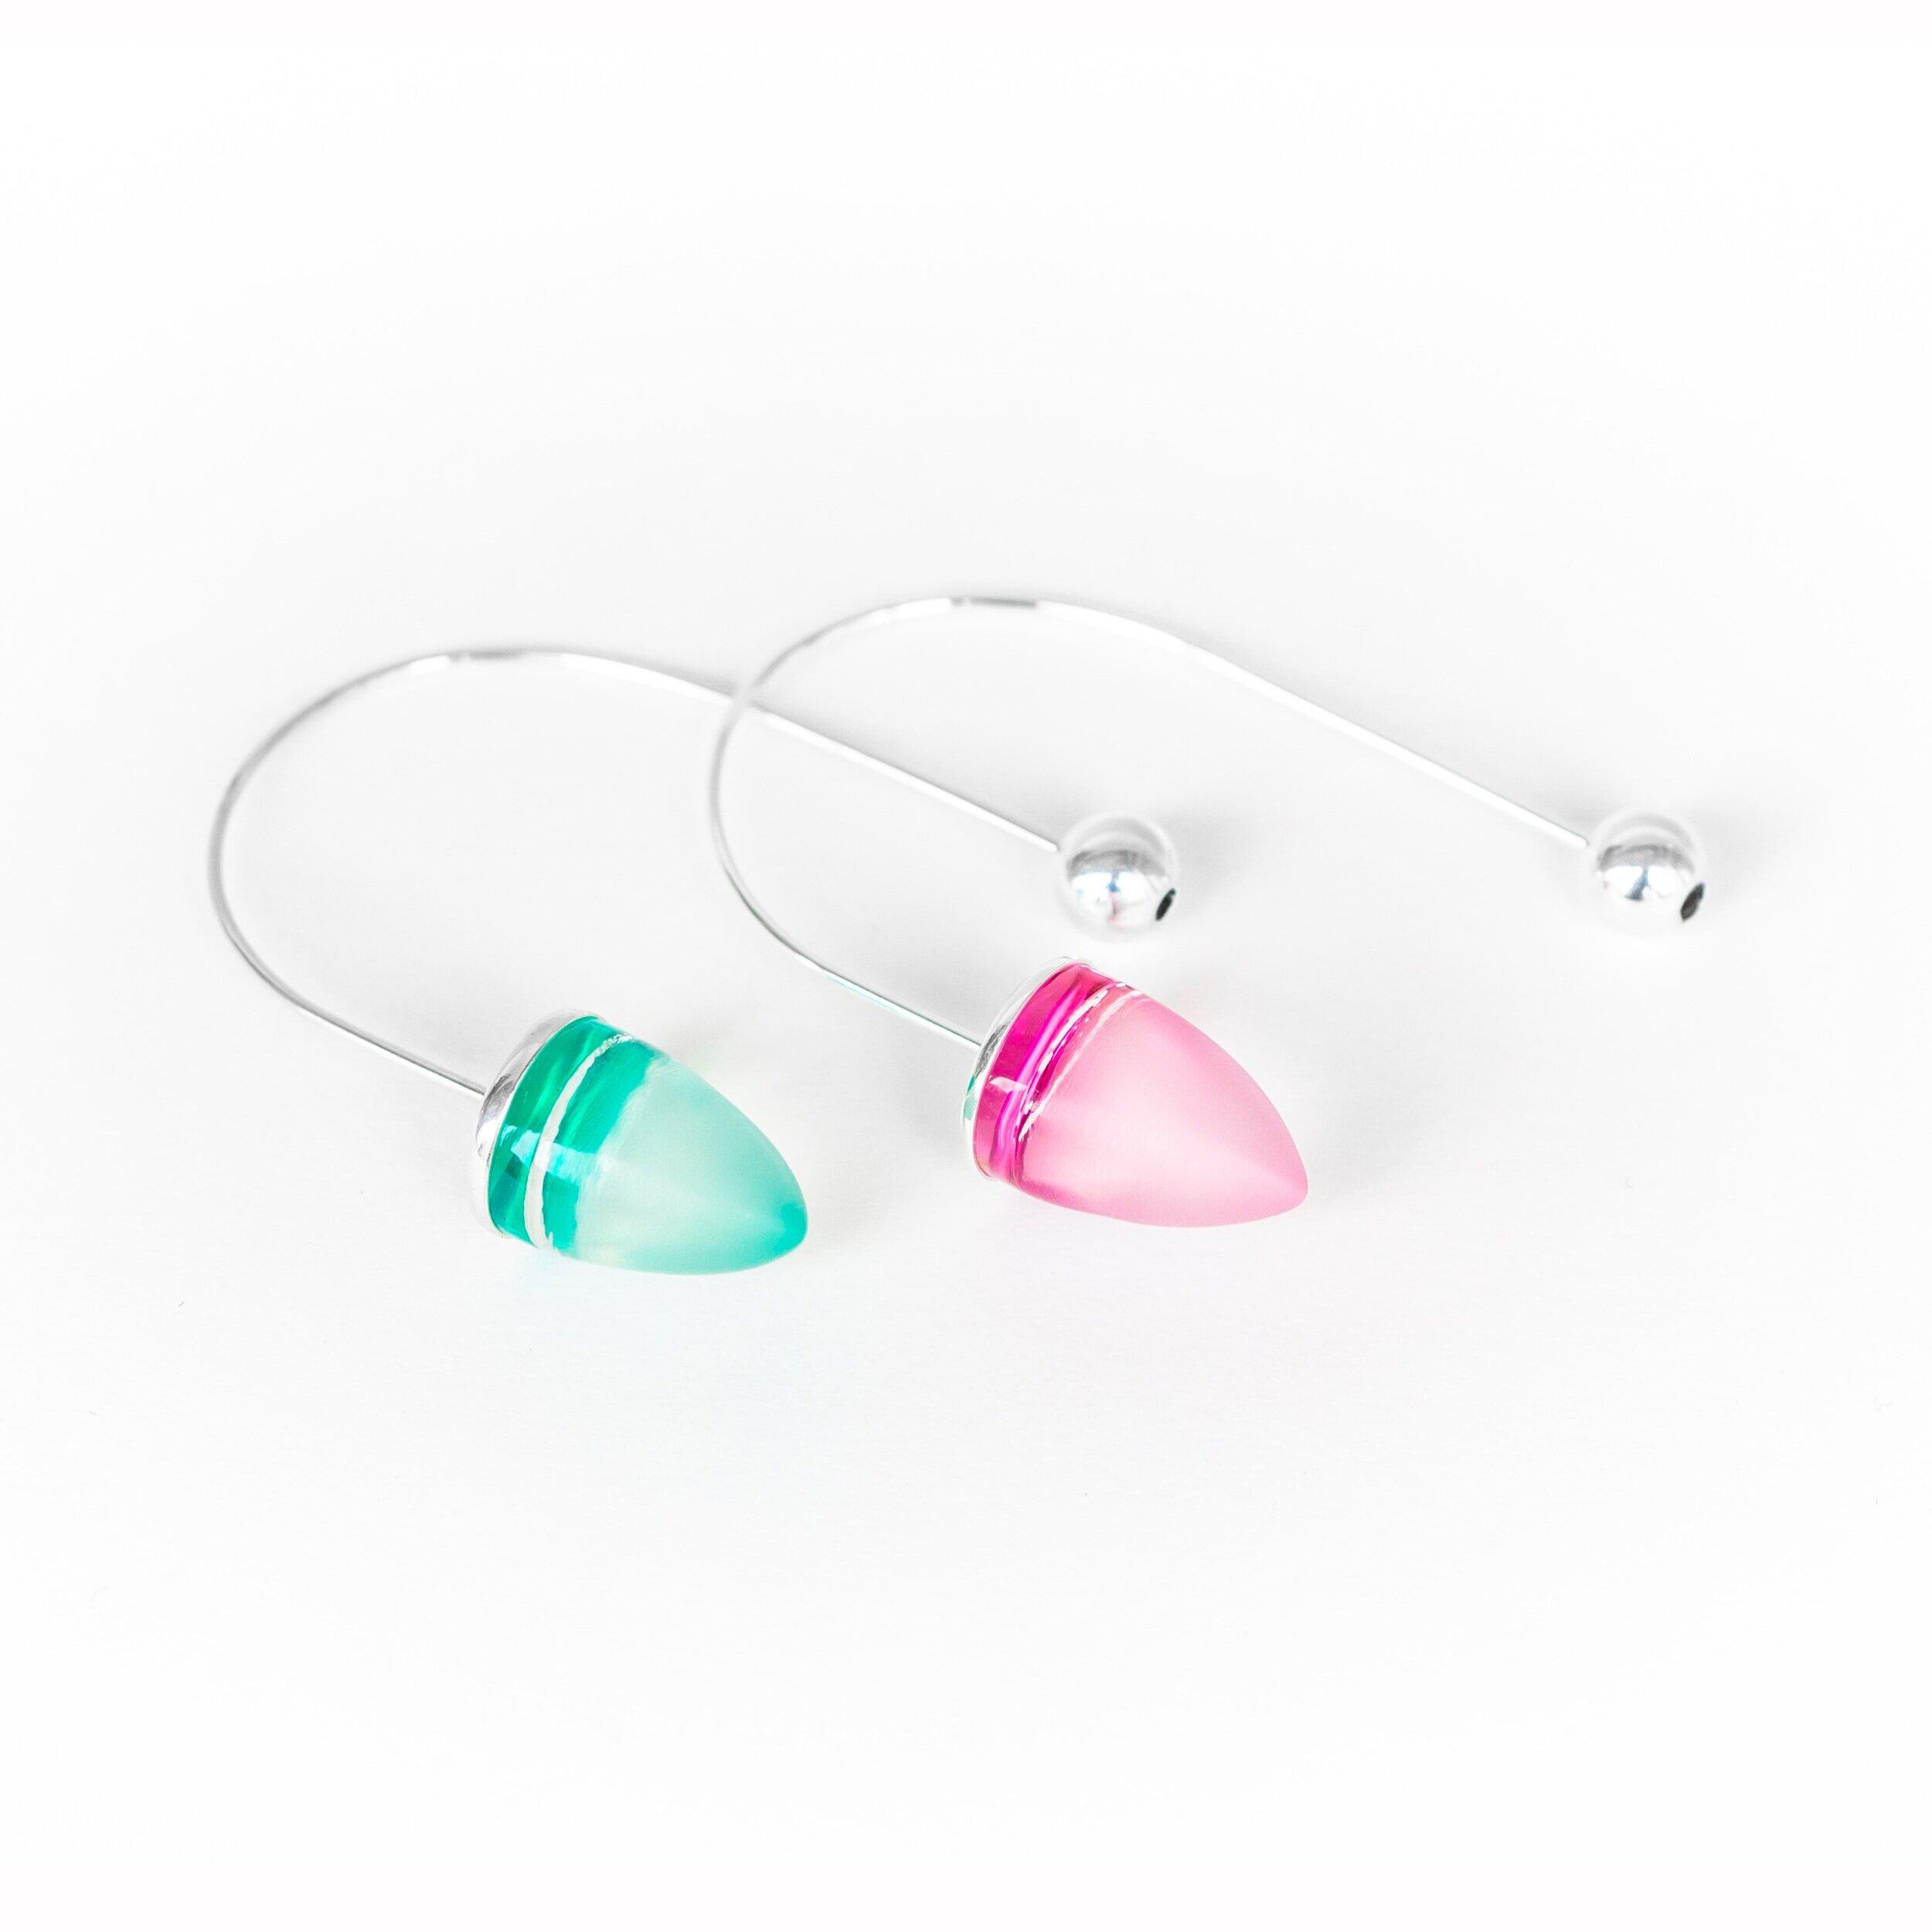 Lg+Arc+Earring+PG+01.jpg